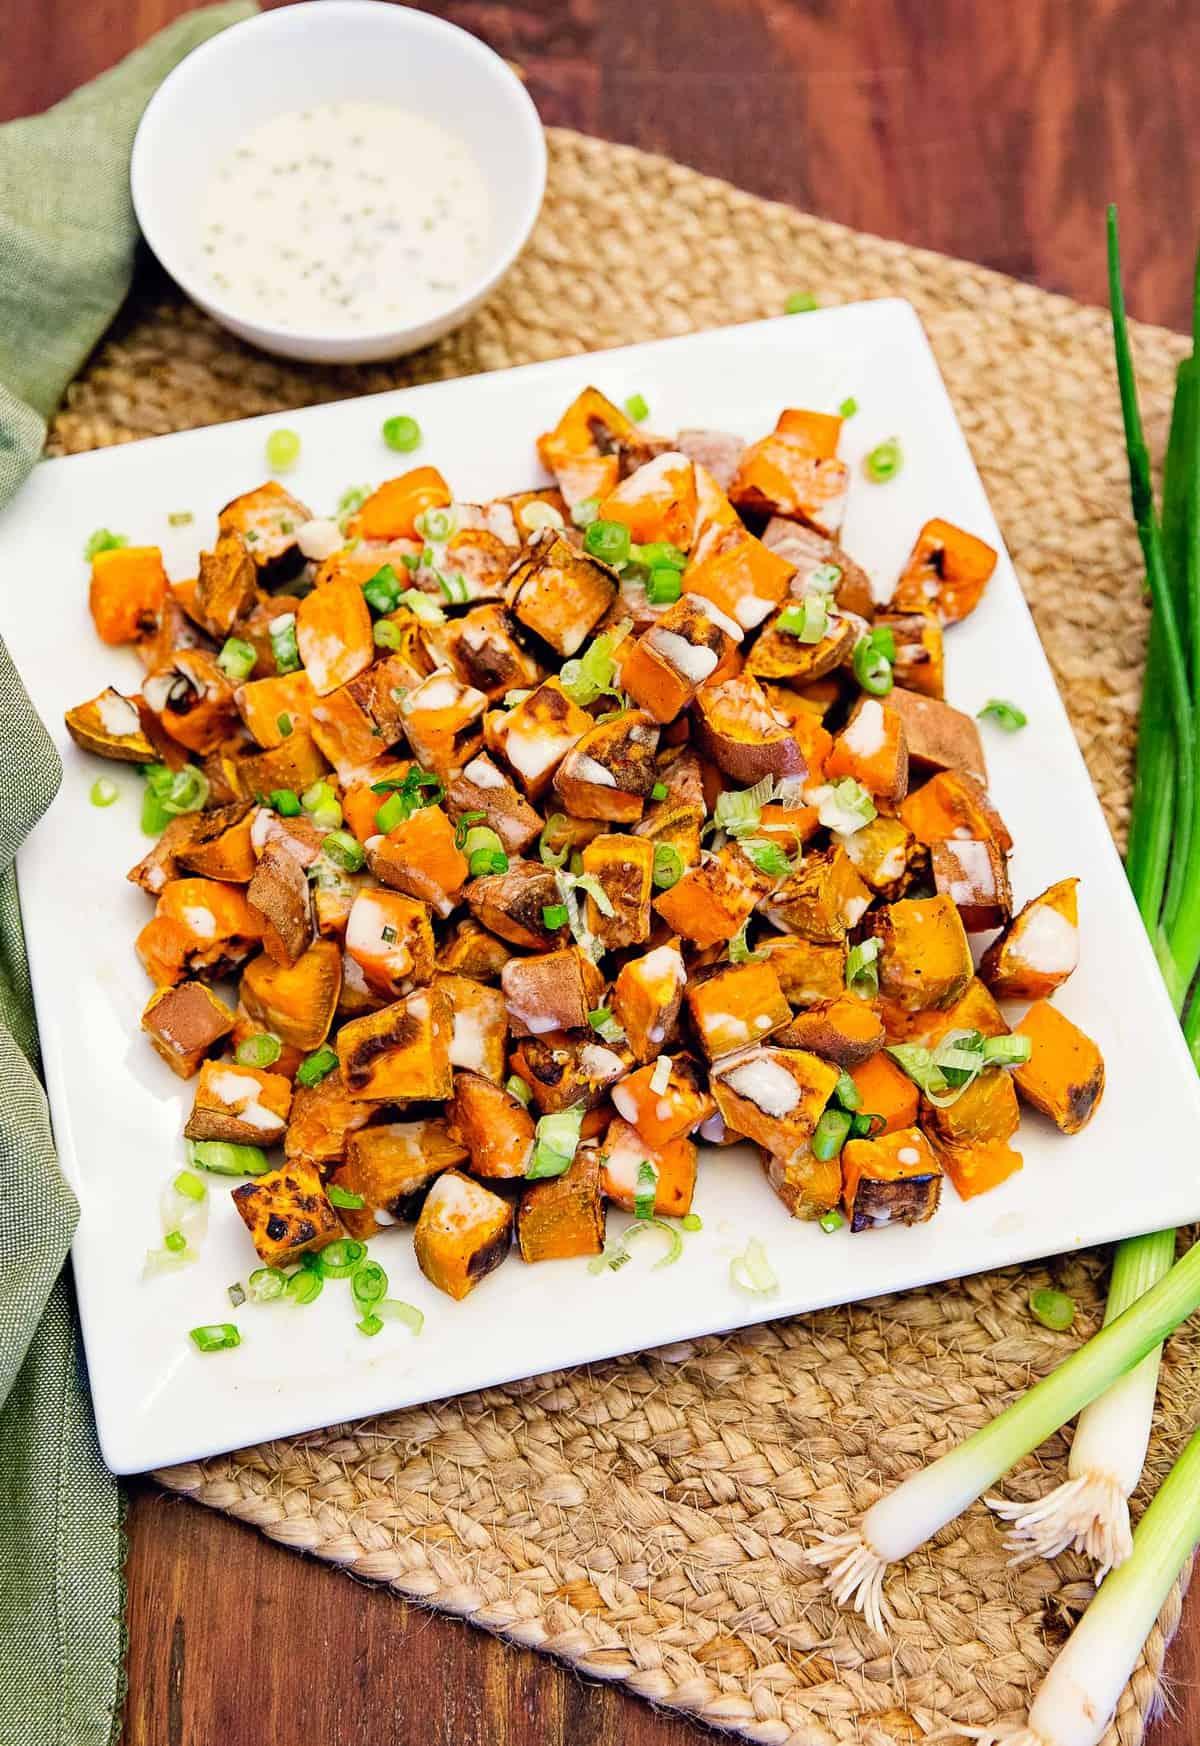 sweet potatoes with tahini sauce, sweet potatoes, potatoes, tahini sauce, tahini, sauce, recipe, whole food plant based recipe, vegan, vegan recipe, vegetarian, vegetarian recipe, dairy free, no oil, oil free, refined sugar free, no refined sugar, dinner, lunch, side, entertainment, picnic, healthy recipe, healthy, meals, gluten free, gluten free recipe, easy, simple,